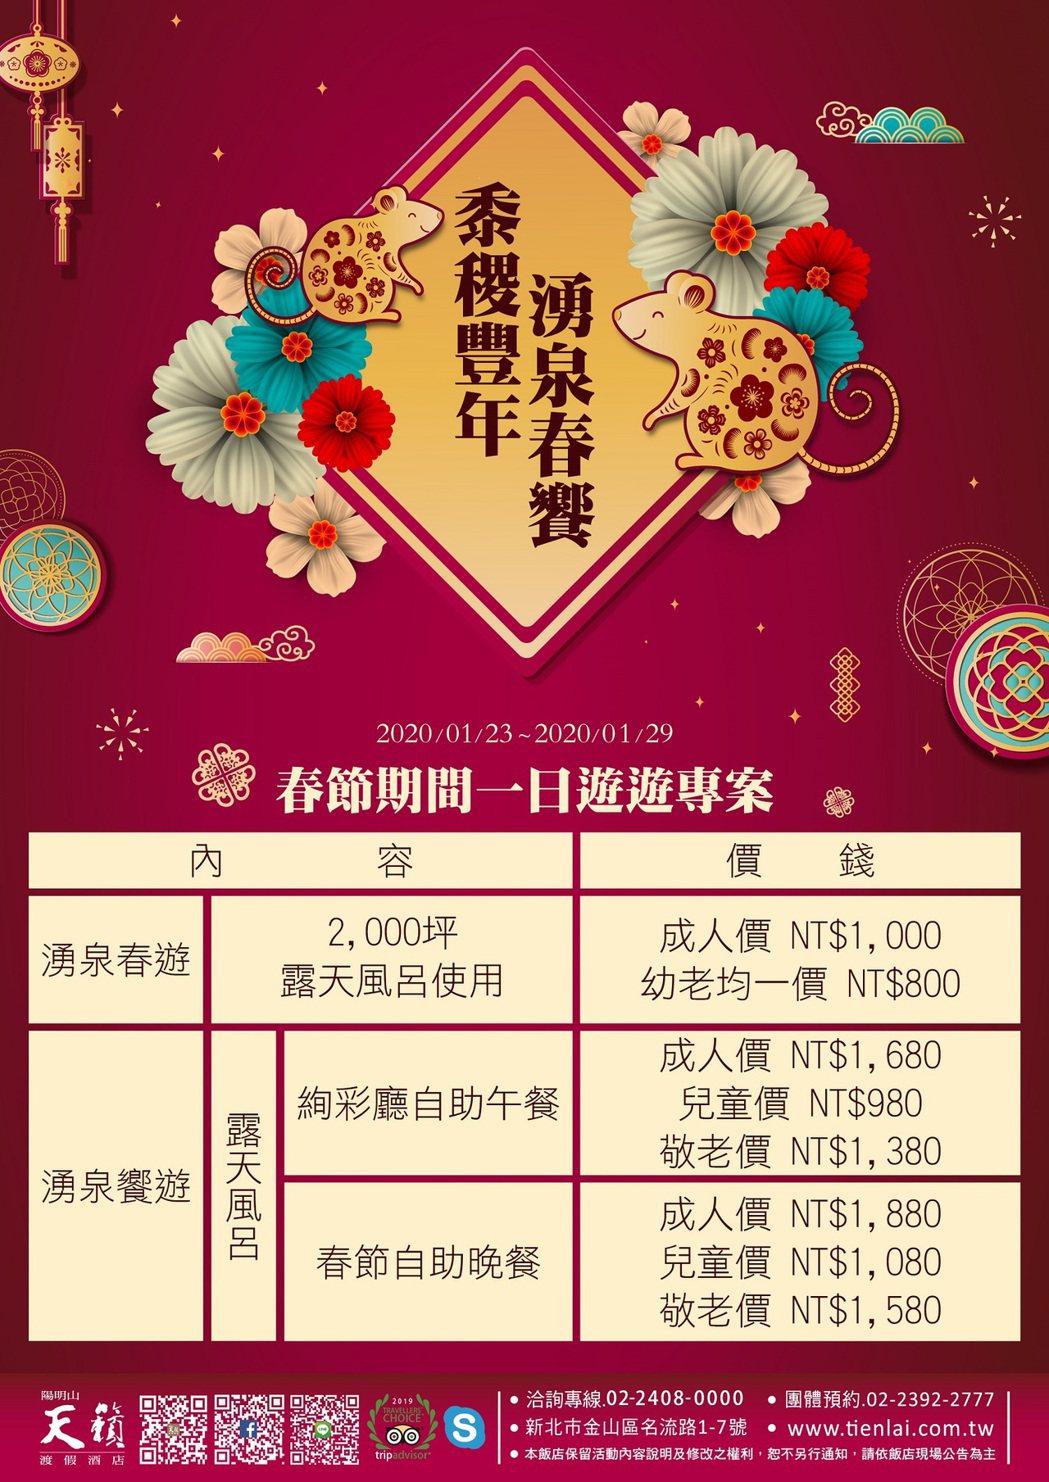 陽明山天籟渡假酒店1/23-1/29推出「2020 金鼠賀歲 合家歡圍爐宴」,佛...